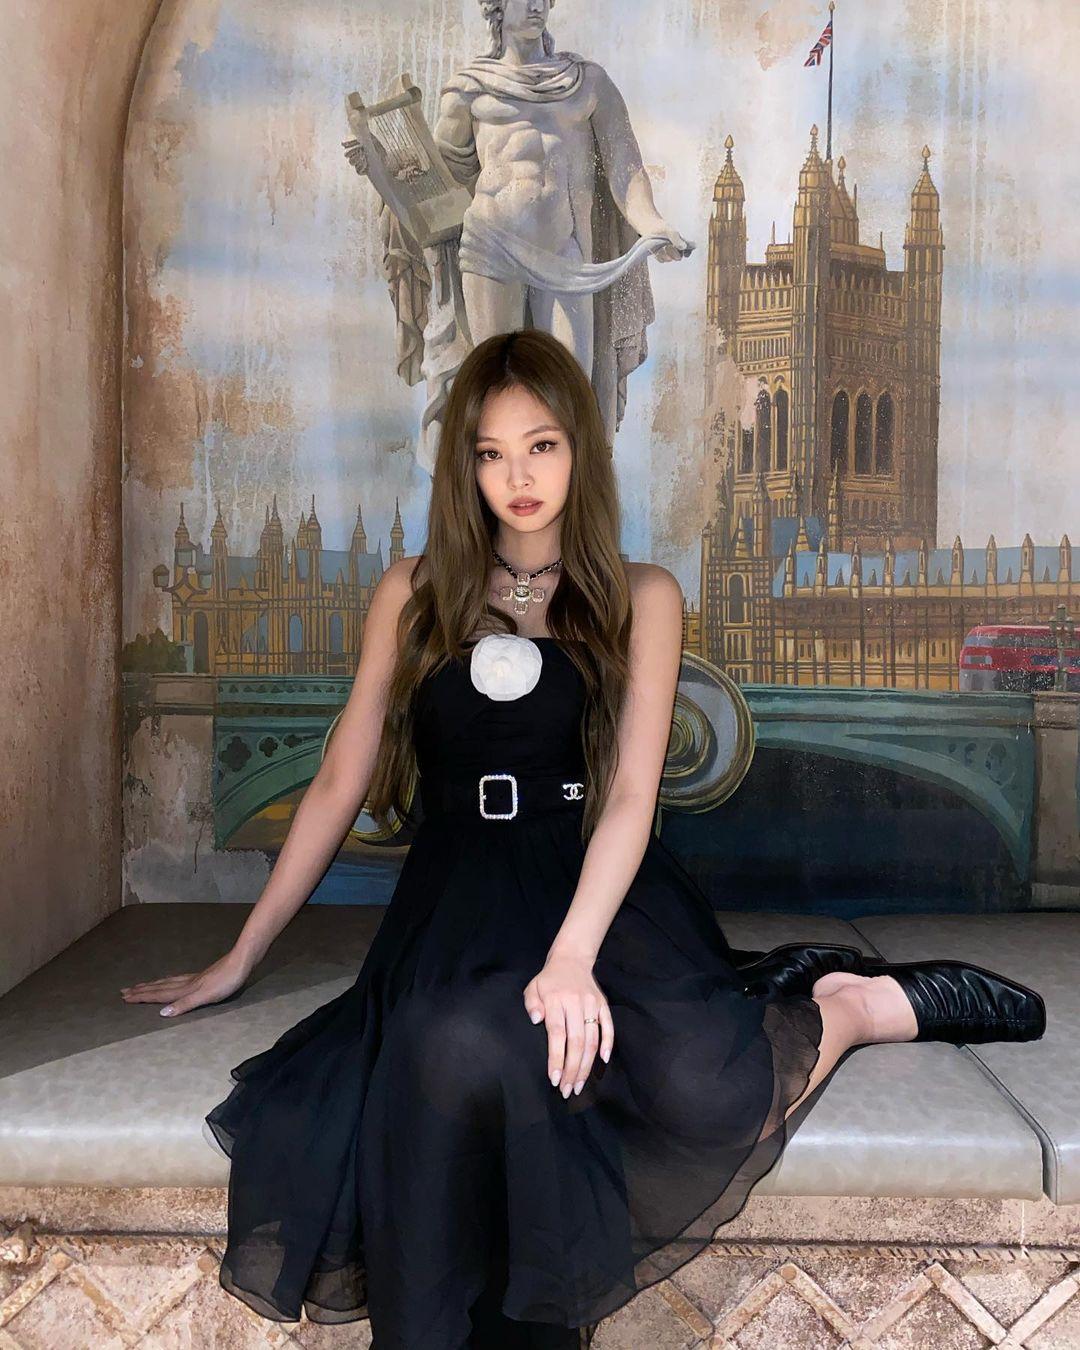 Jennie đụng váy với Mưu nữ lang 2K: Đại sứ Chanel sang chảnh lấn át, Lưu Hạo Tồn bị ví như hot girl mạng - Ảnh 4.